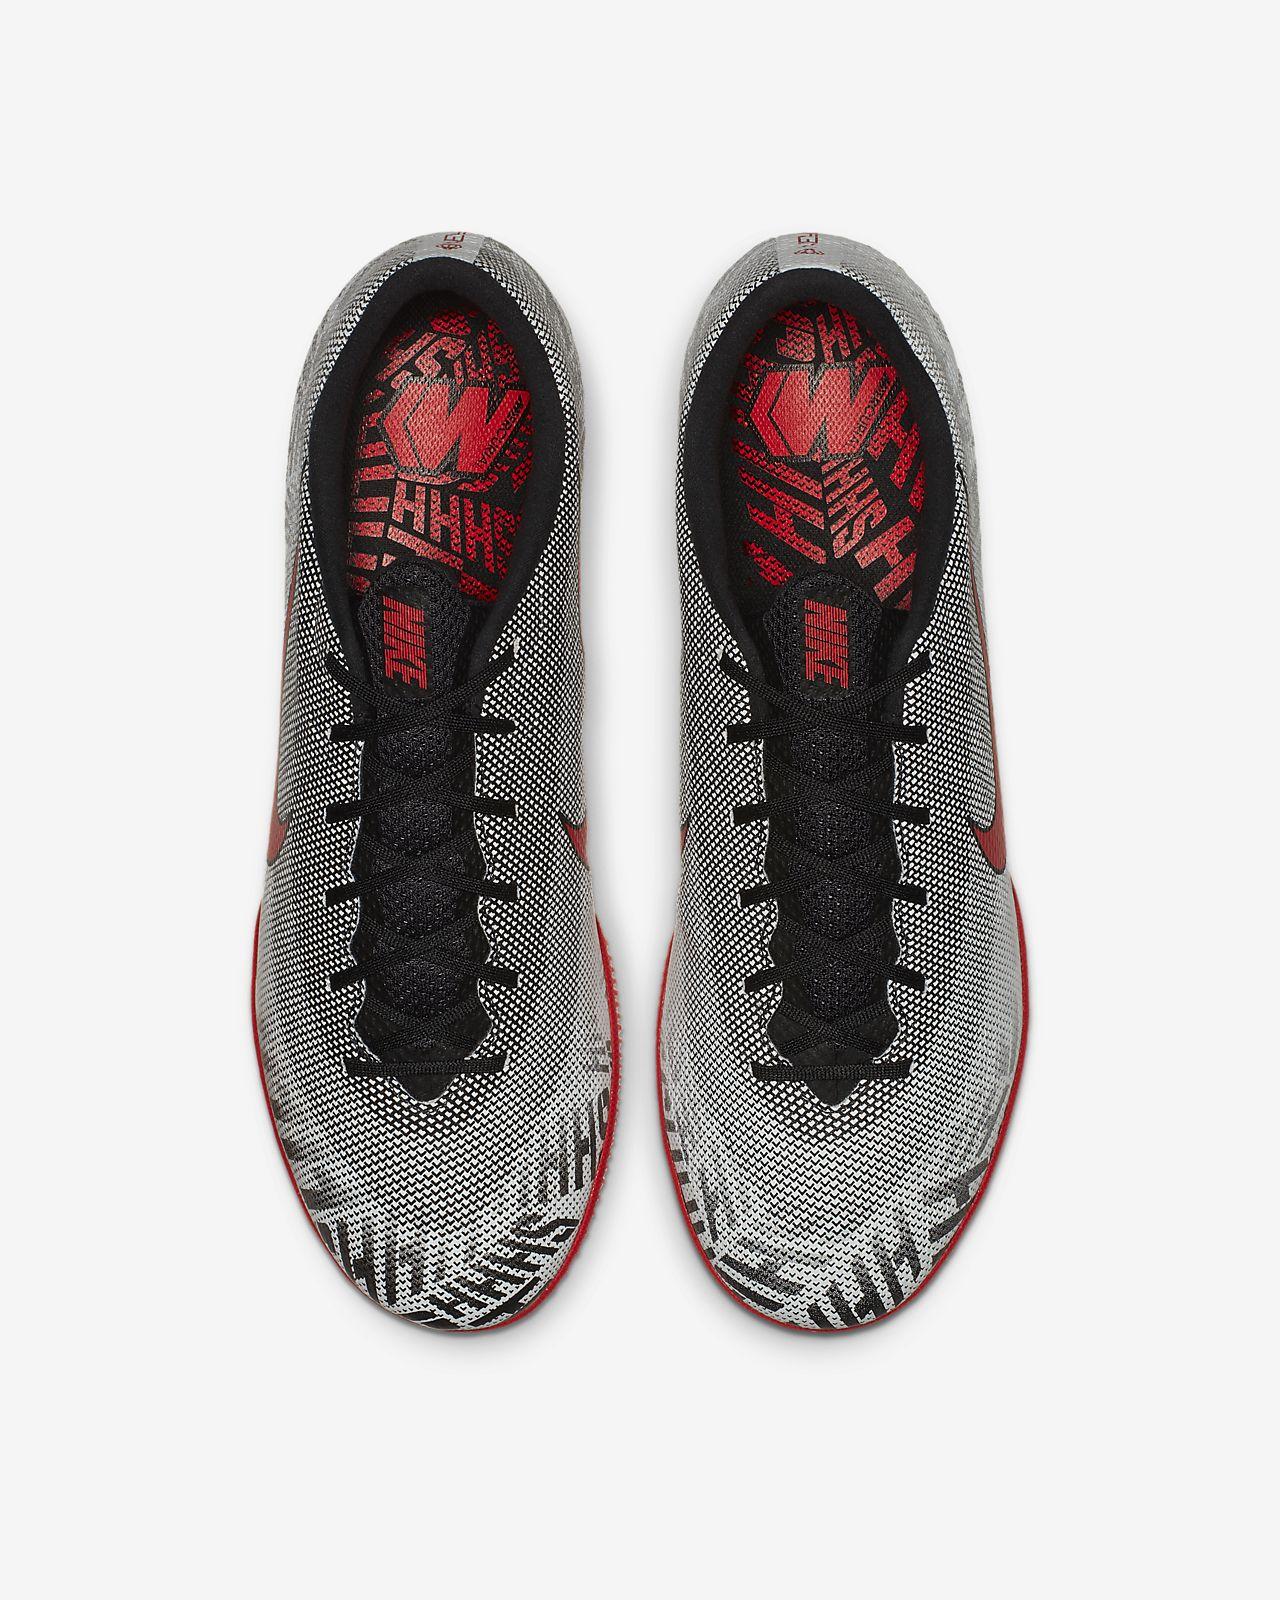 buy online 5bf36 c9679 ... Nike Mercurial Vapor XII Academy Neymar Jr Indoor Court Soccer Shoe